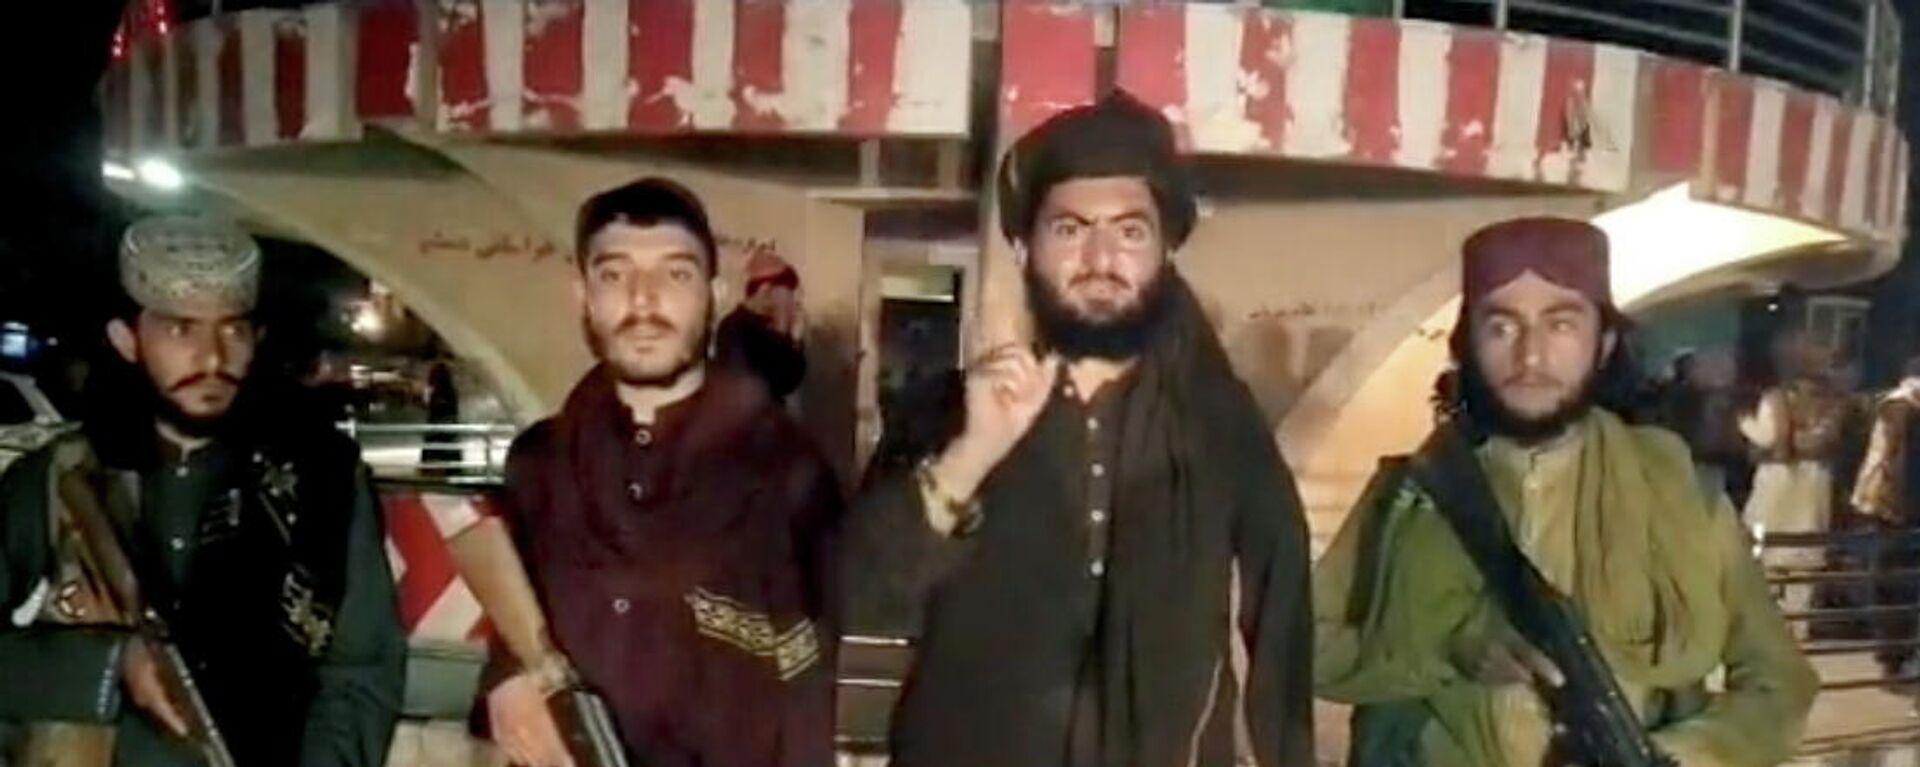 Afganistan'ın Baglan vilayetinin yönetim merkezi Pul-i Humri'yi ele geçiren Taliban militanları açıklama yaparken - Sputnik Türkiye, 1920, 11.08.2021